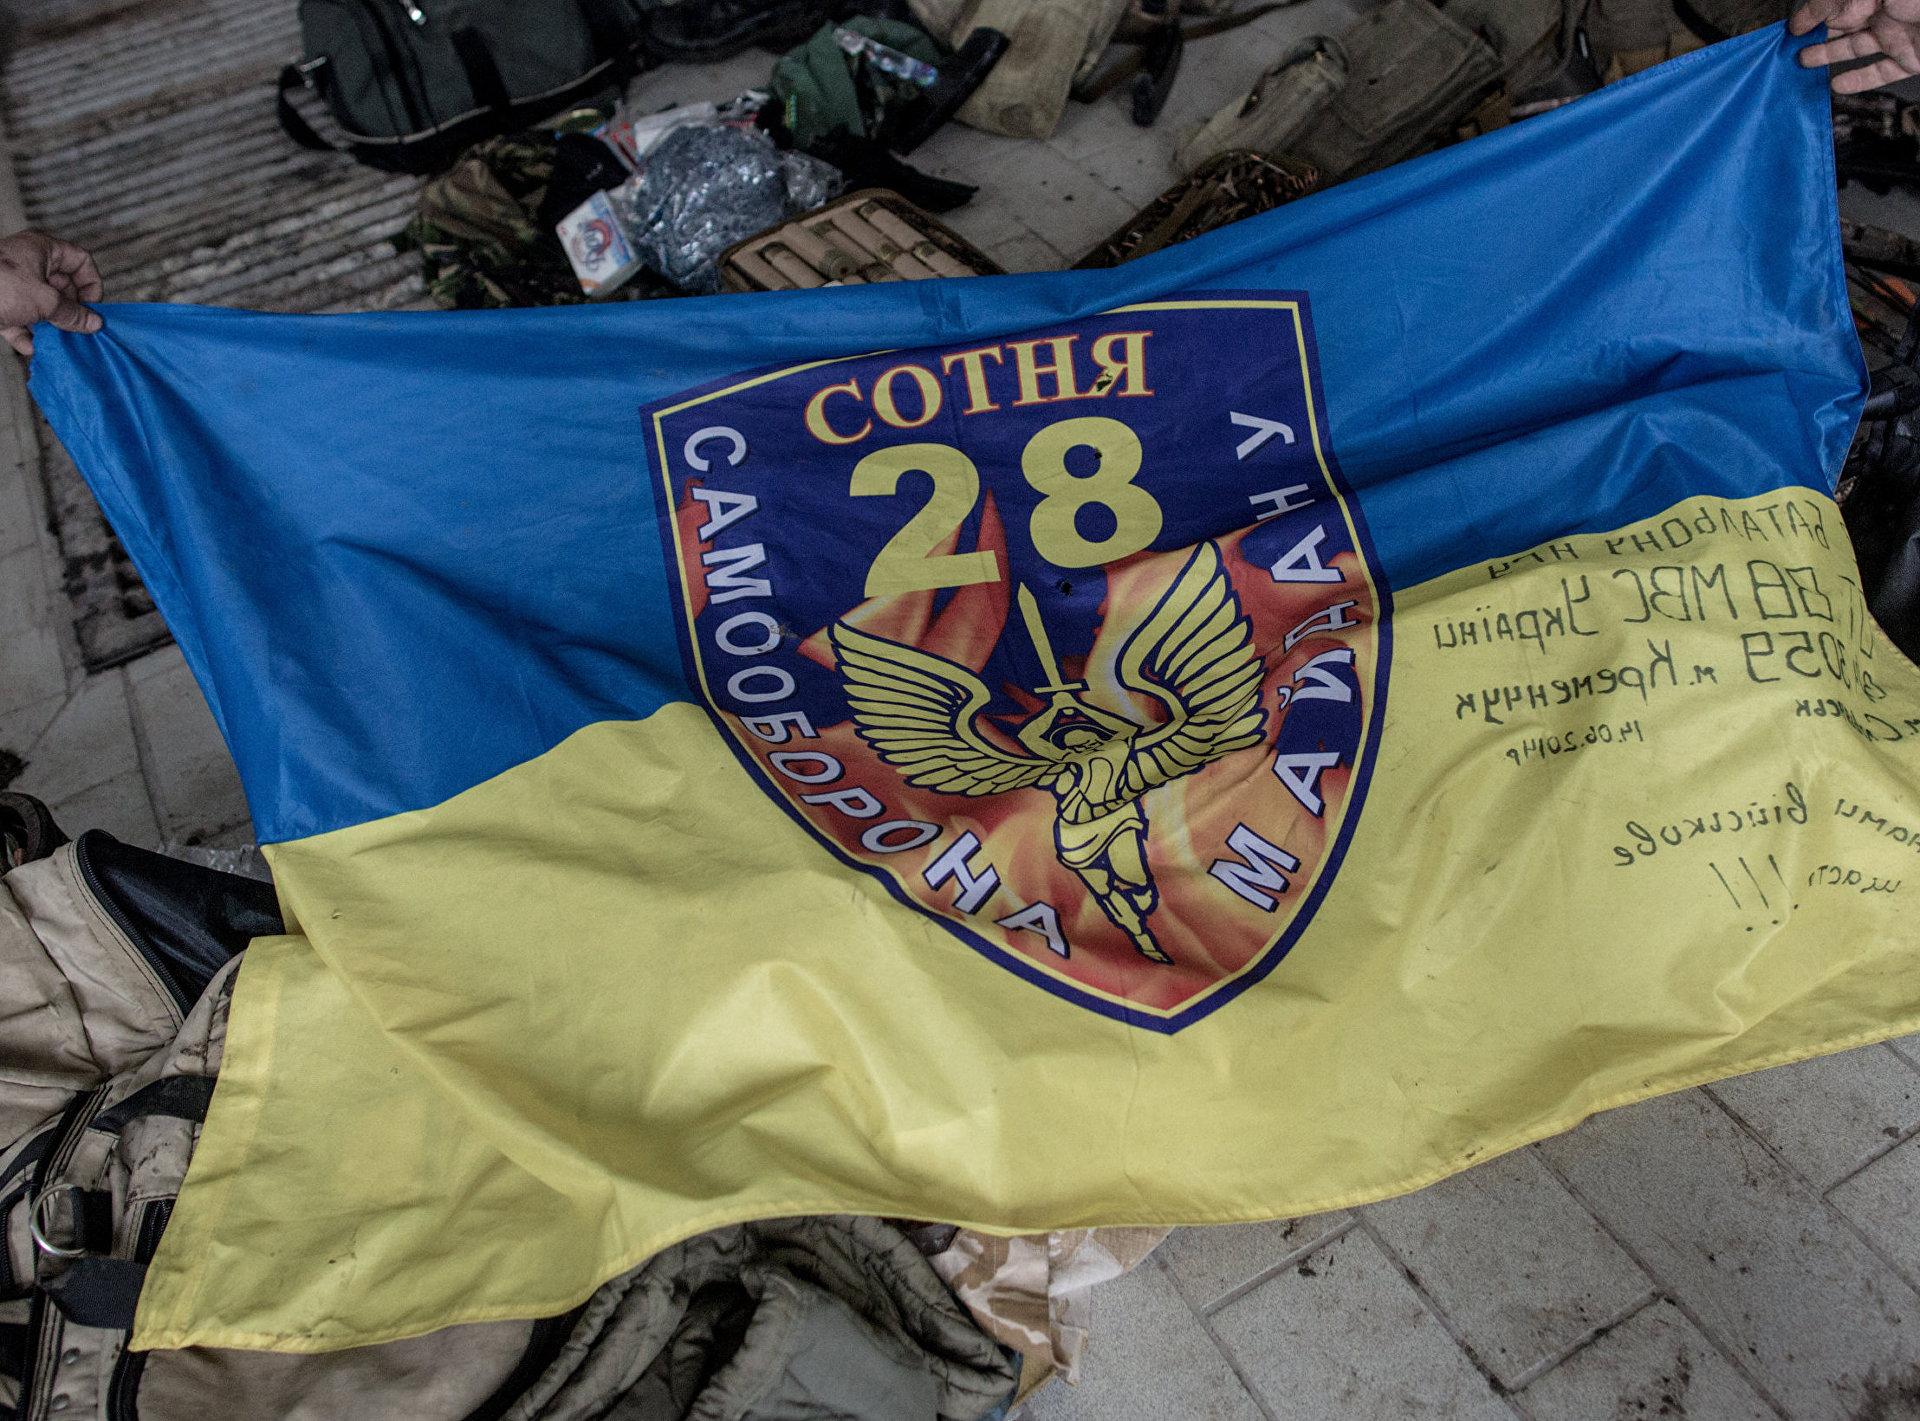 http://ukraina.ru/images/101190/85/1011908581.jpg